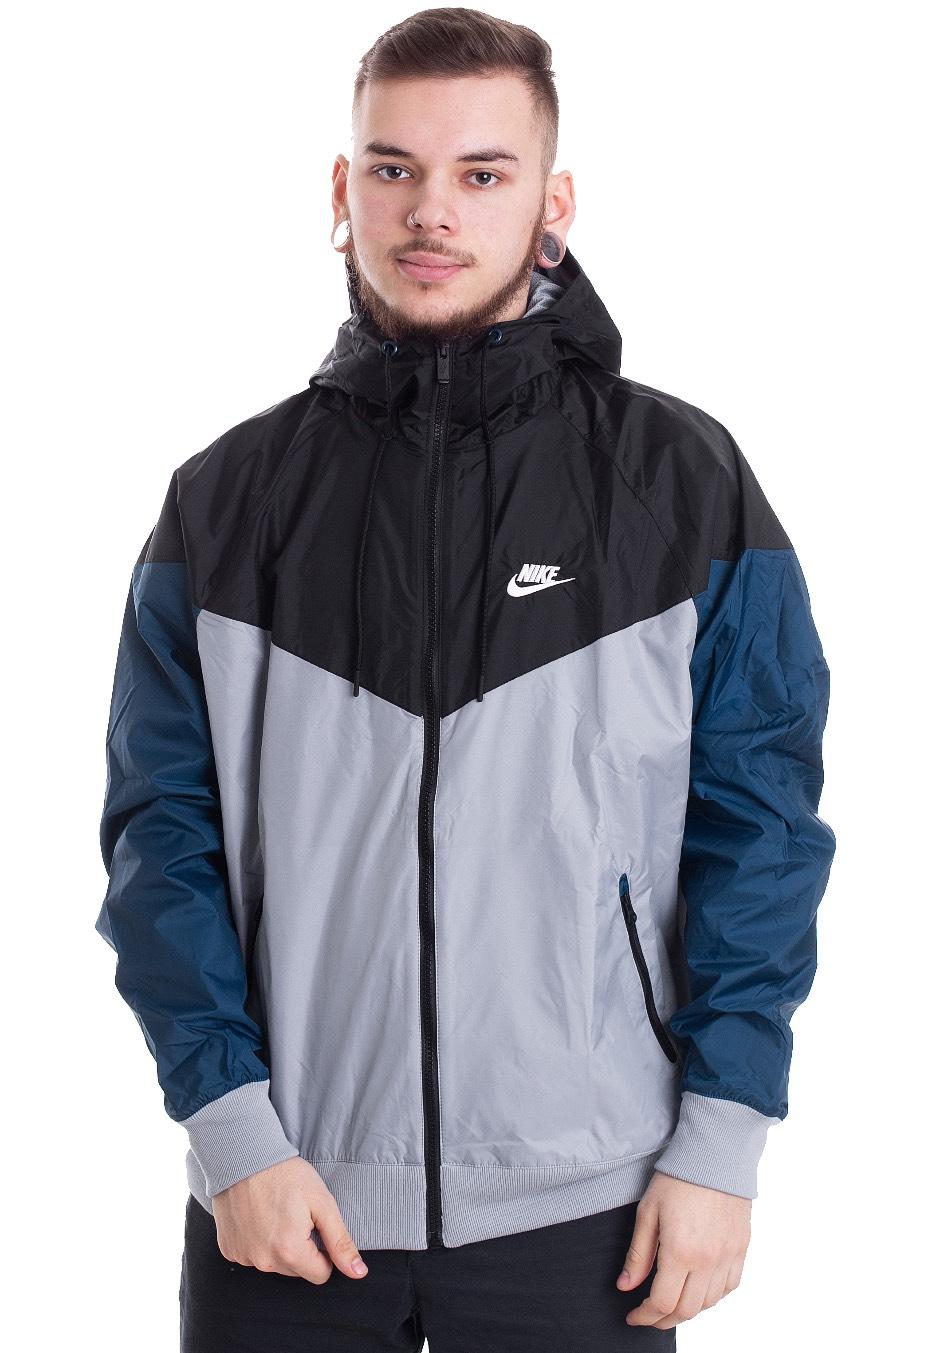 51d05773ff7d Nike - Windrunner Obsidian Mist Black Blue Force Sail - Windbreaker -  Streetwear Shop - Impericon.com Worldwide